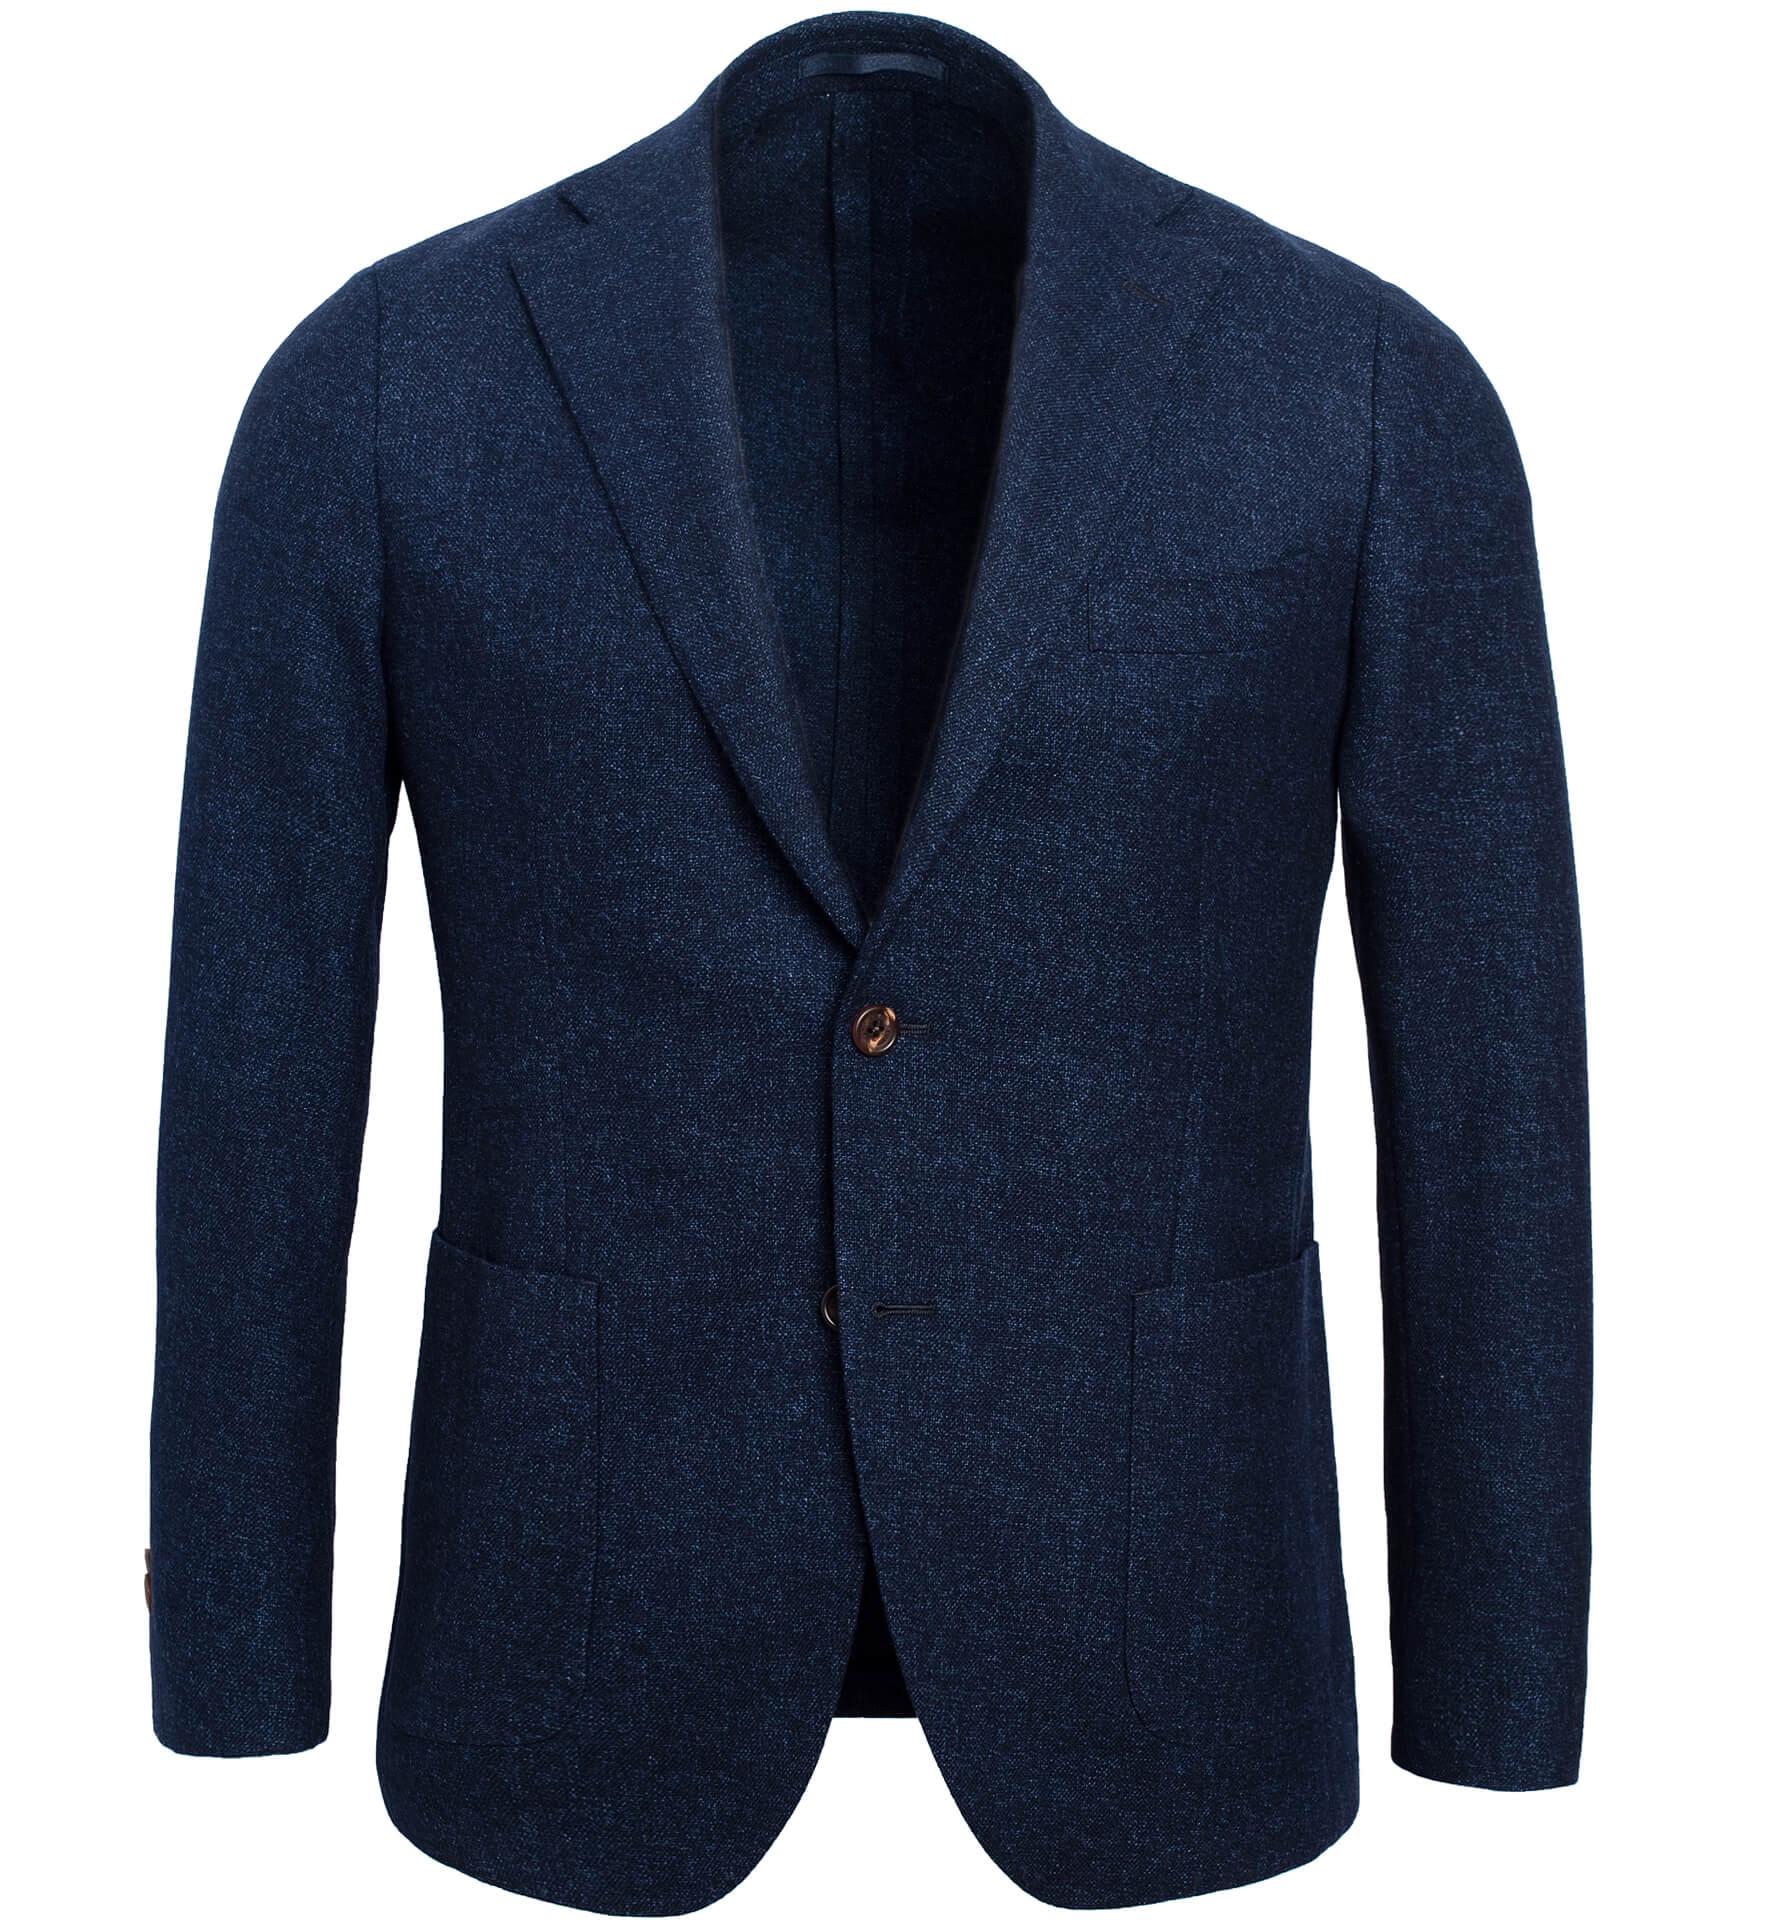 Zoom Image of Bedford Navy Melange Slub Wool Flannel Jacket